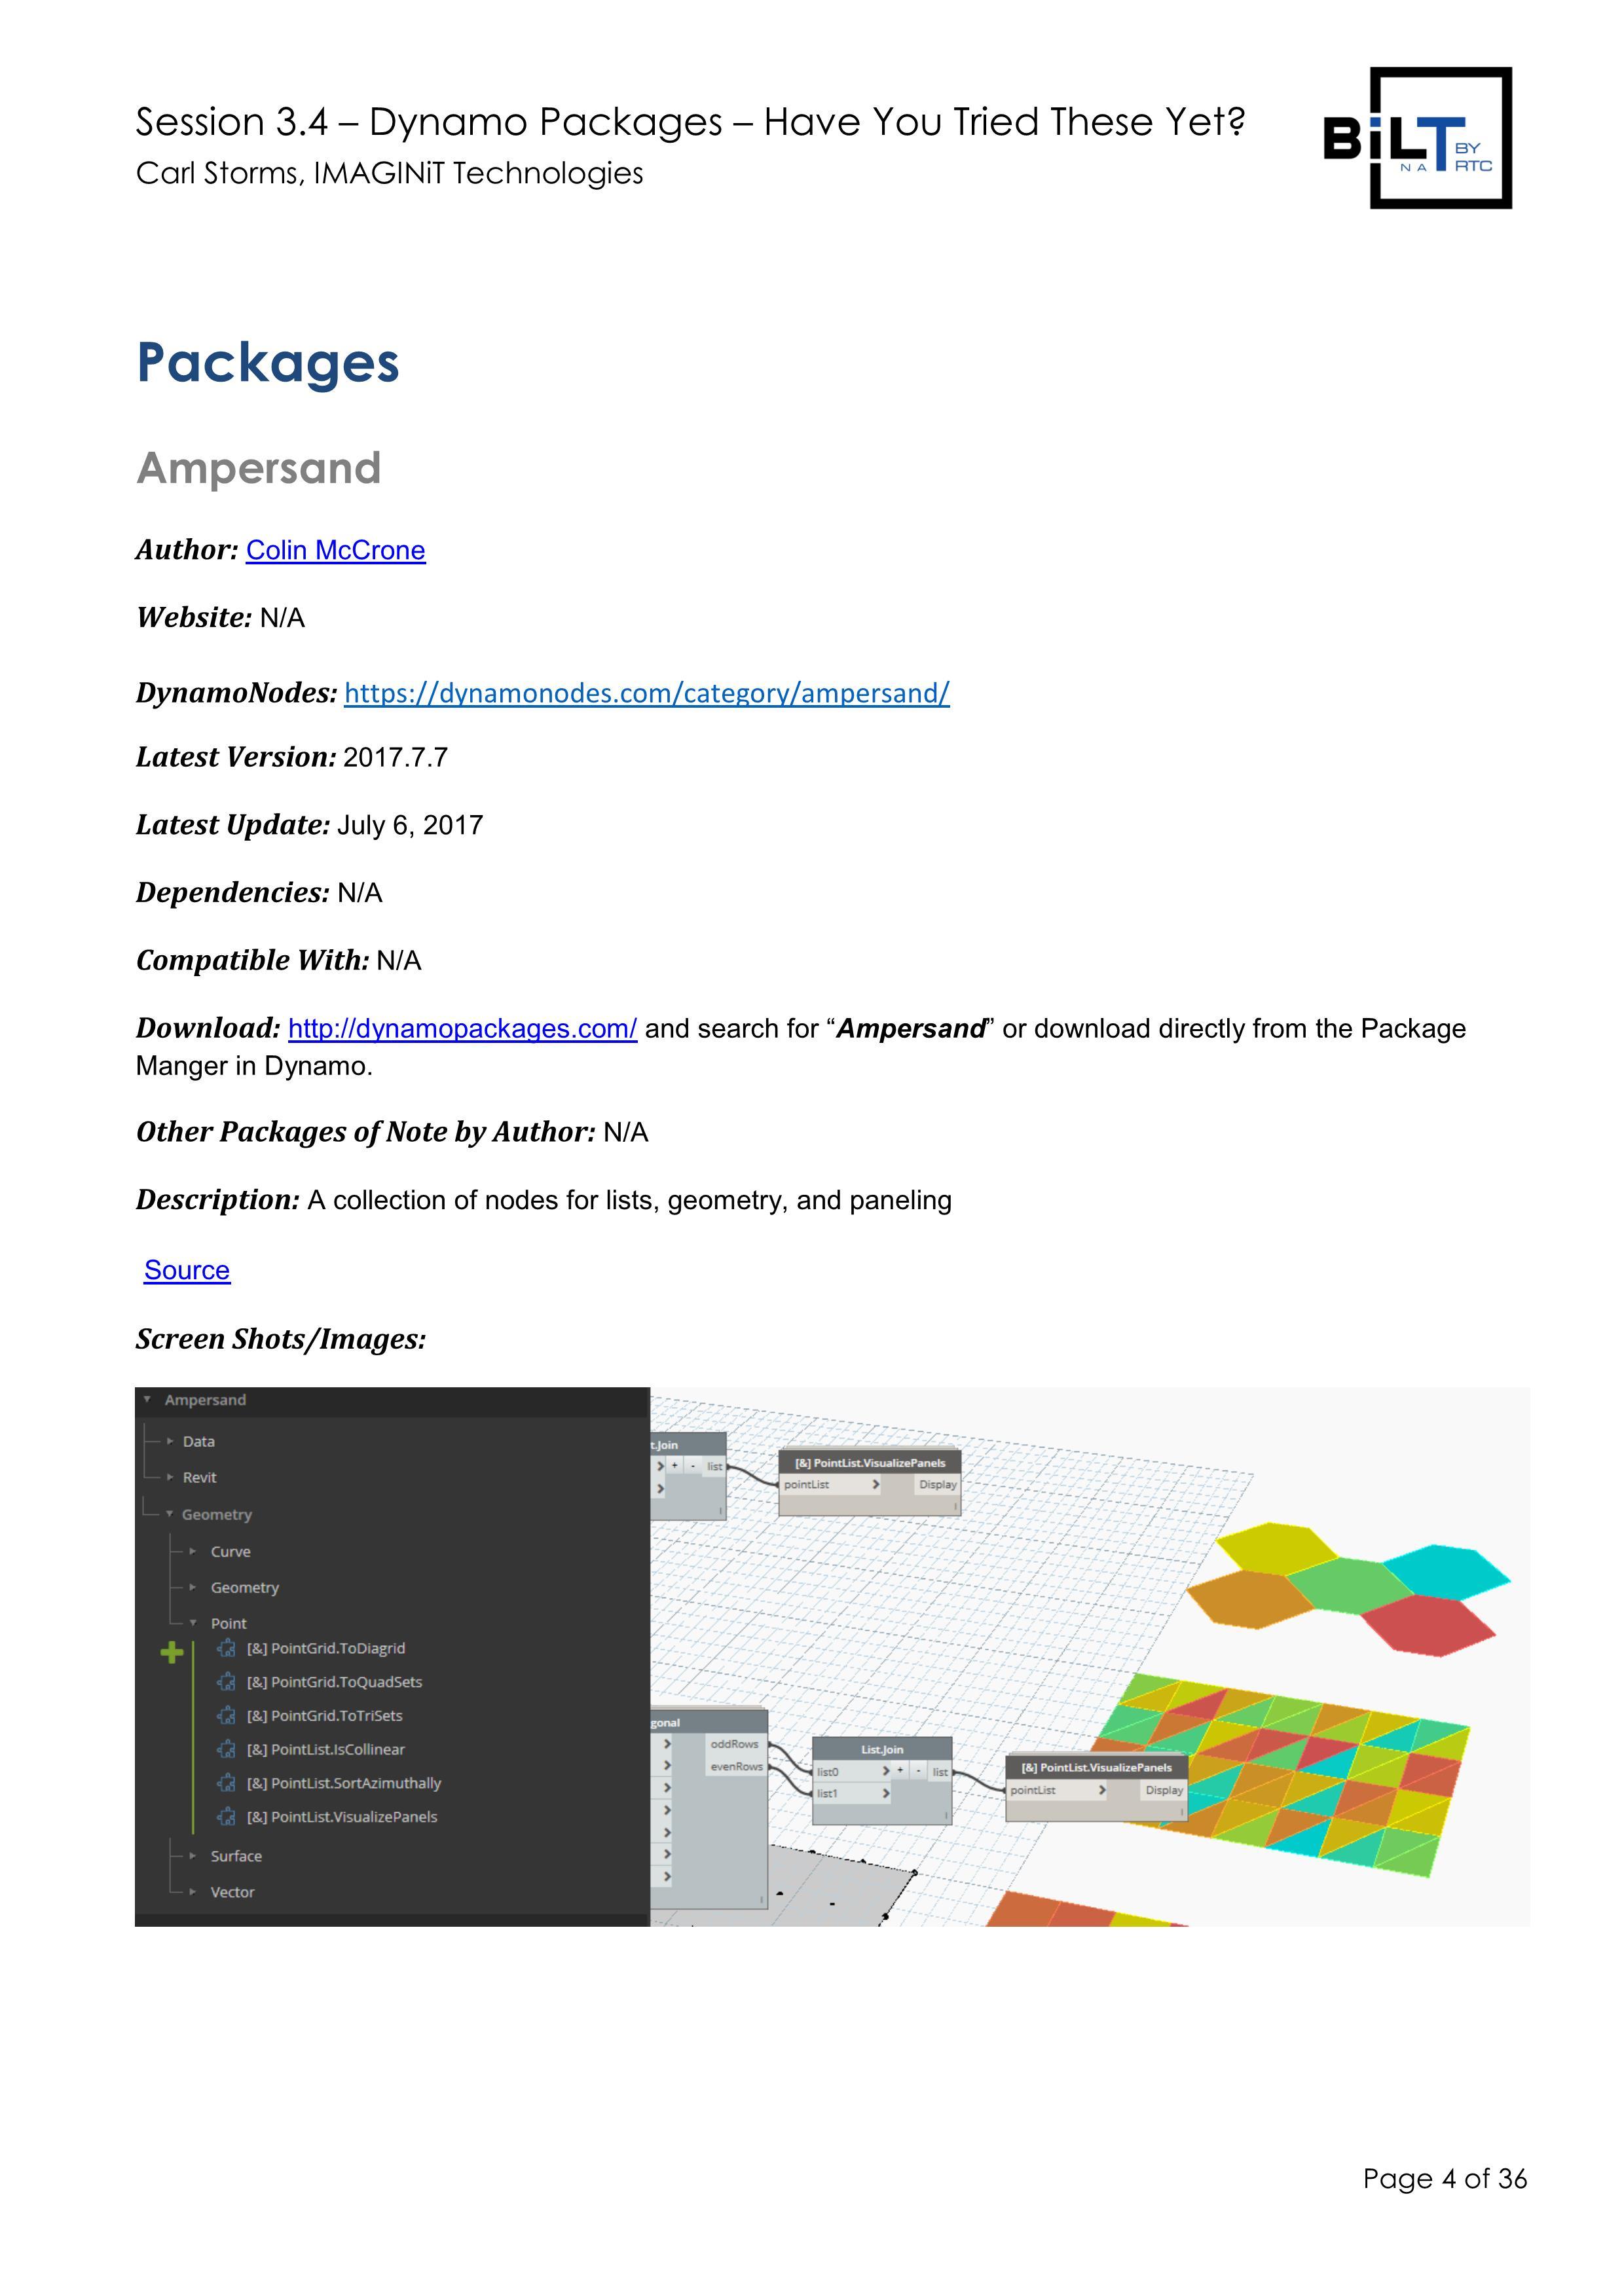 DynamoPackagesHaveYouTried Page 004.jpg